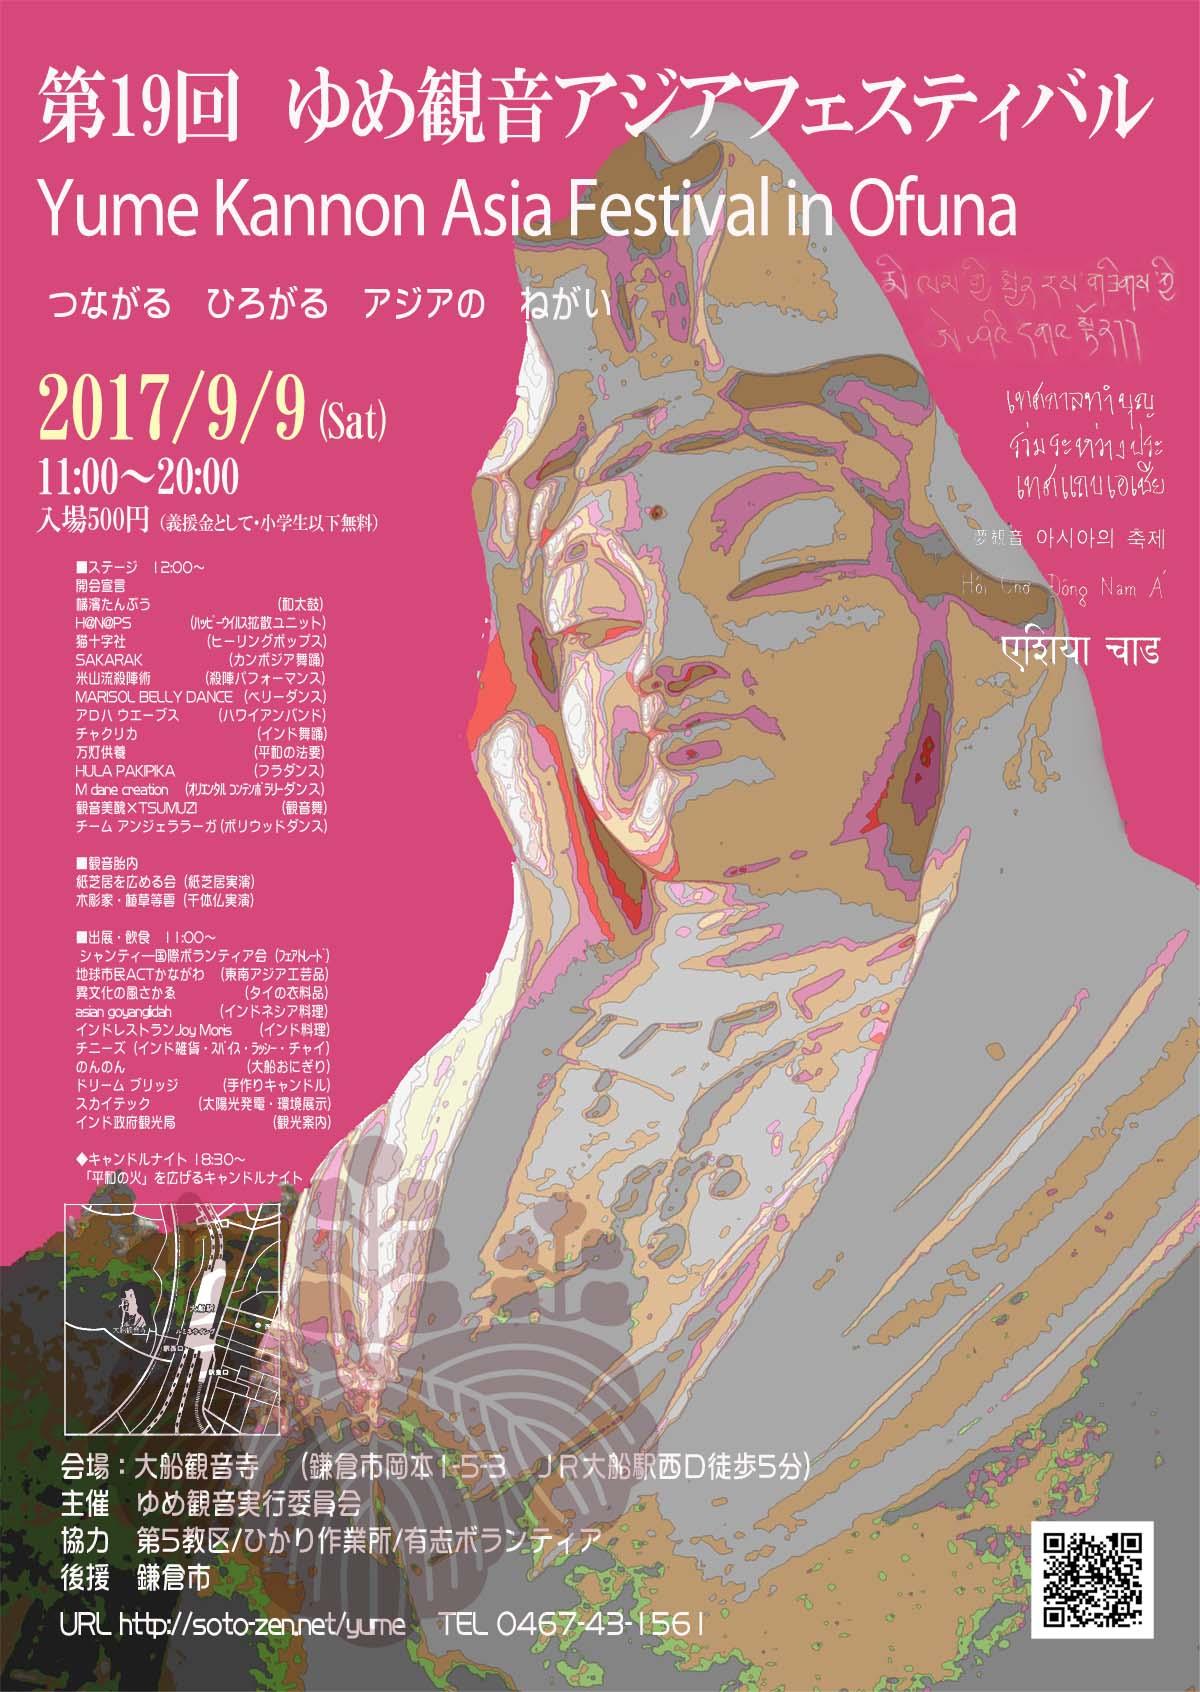 http://soto-zen.net/yume/Yume_2017_omote.jpg